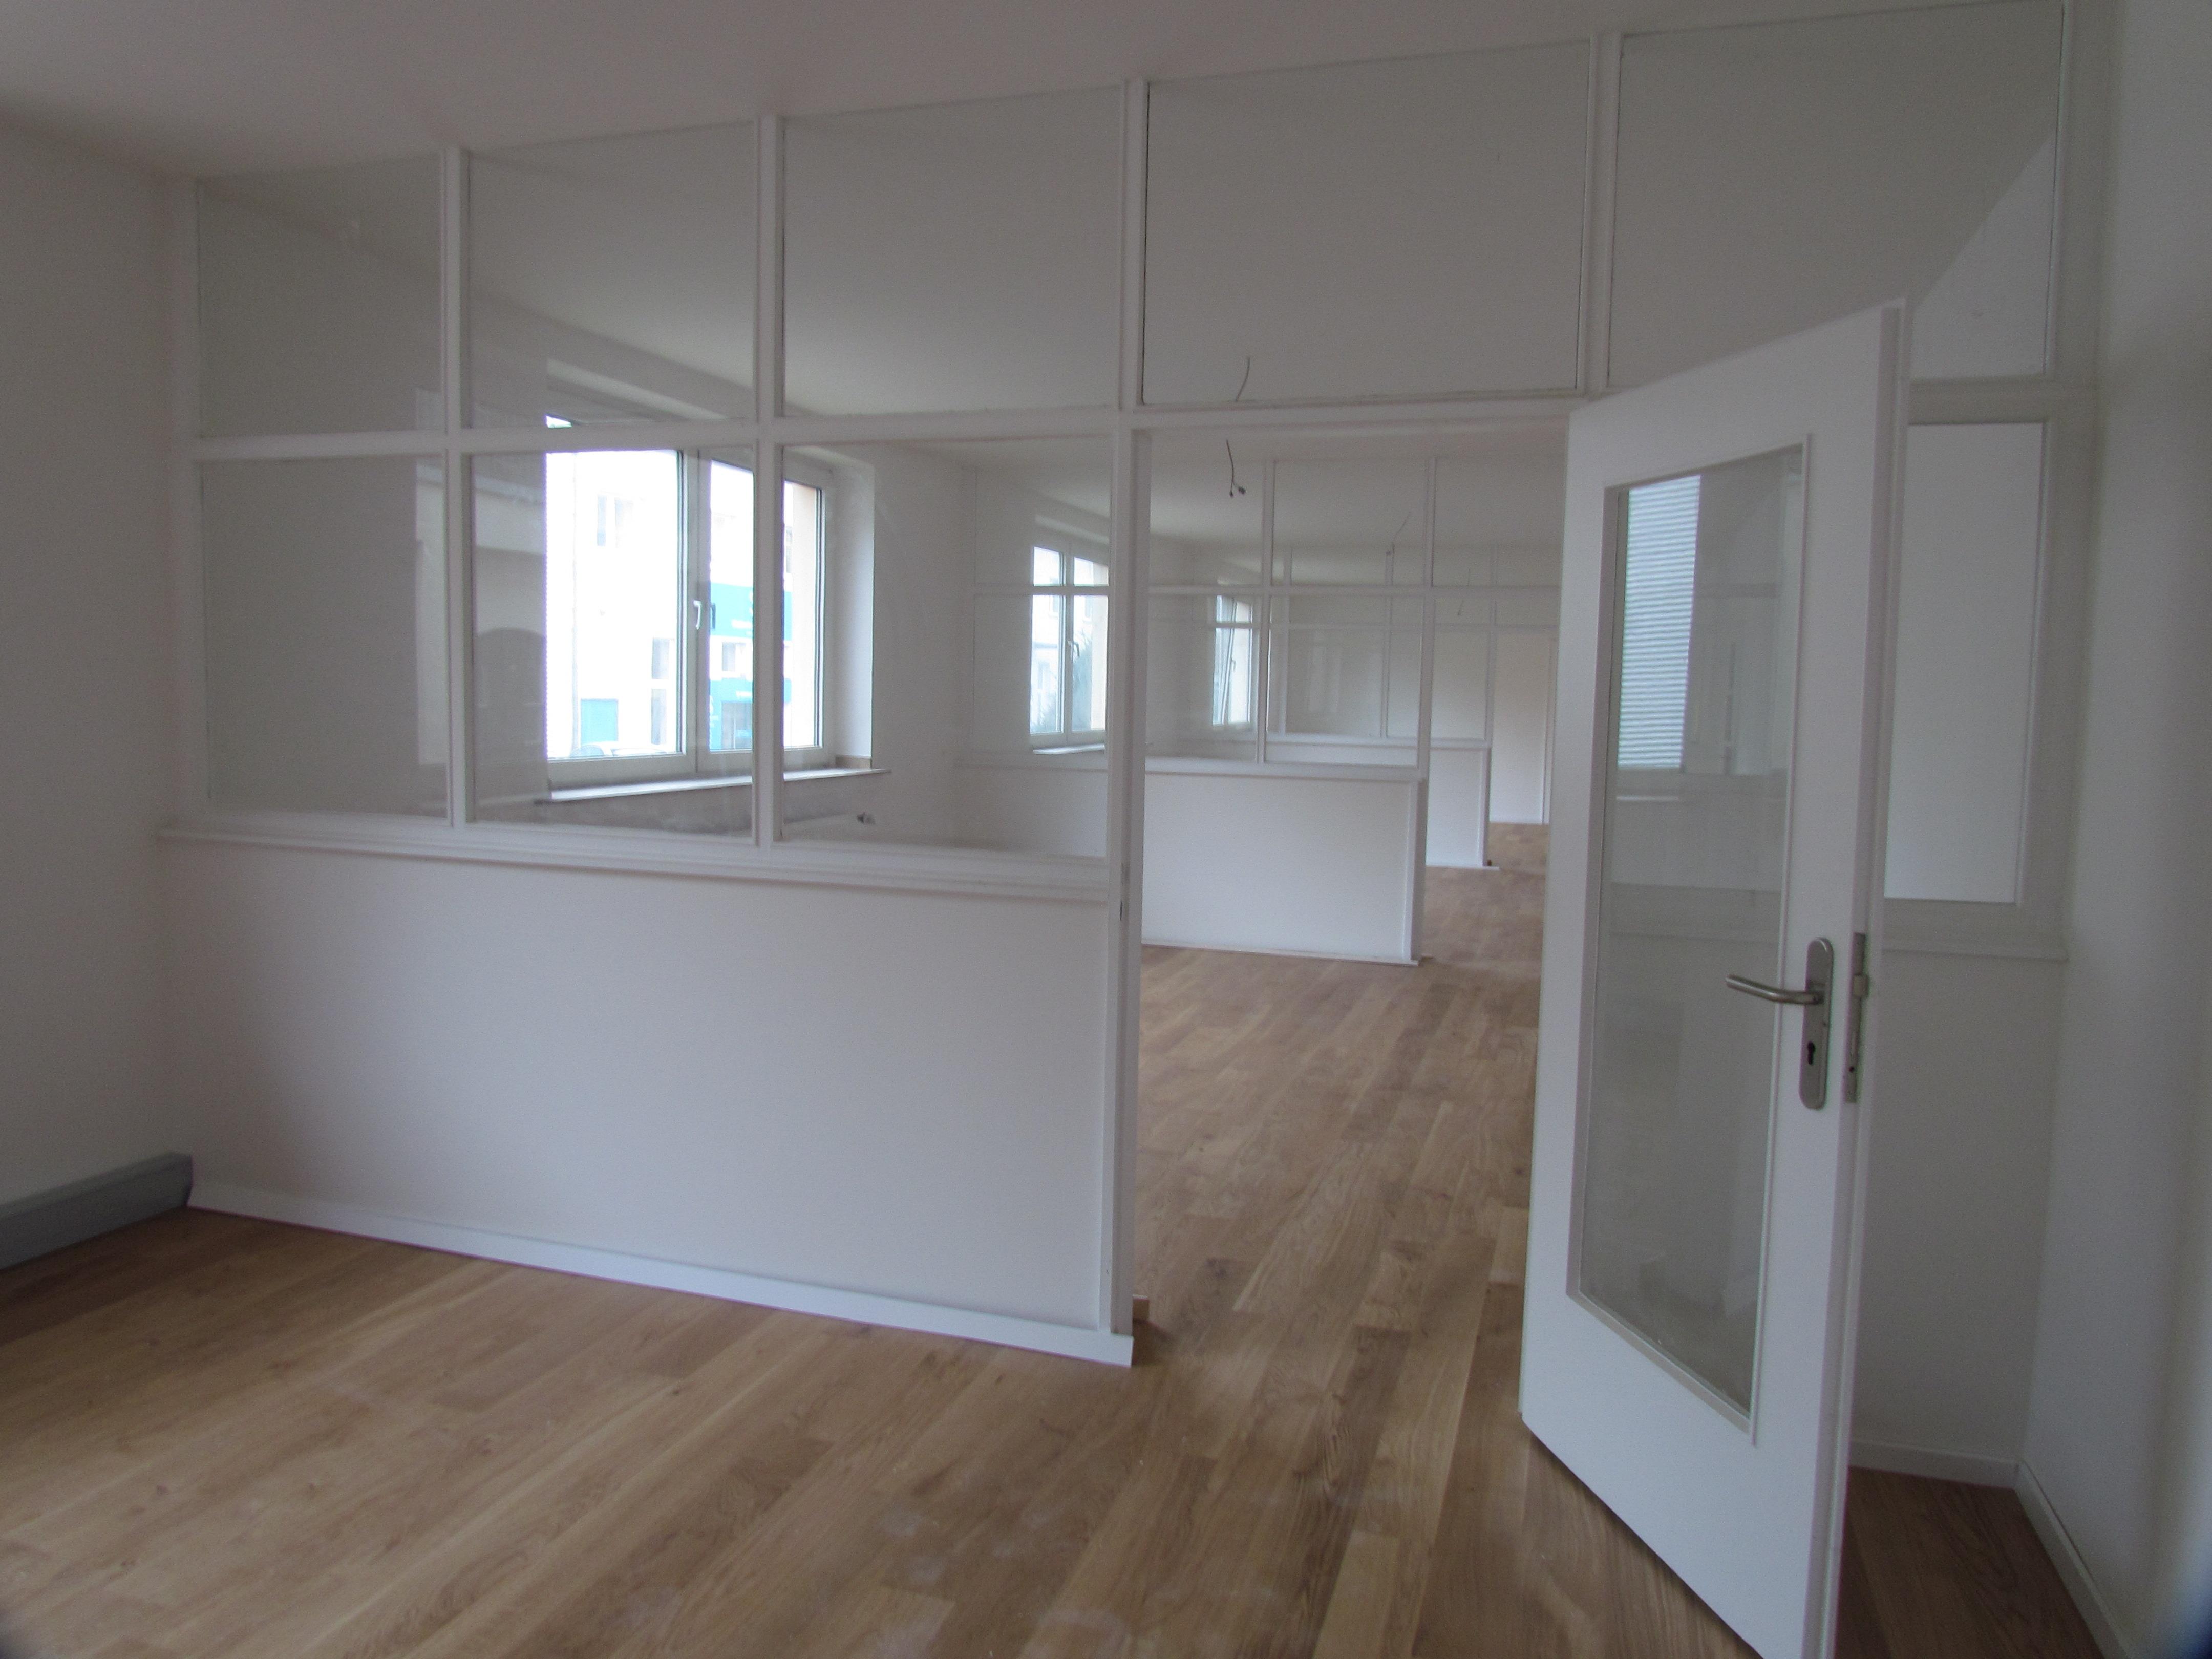 Kostenlose foto : Holz, Haus, Stock, Fenster, Zuhause, Hütte, Platz ...